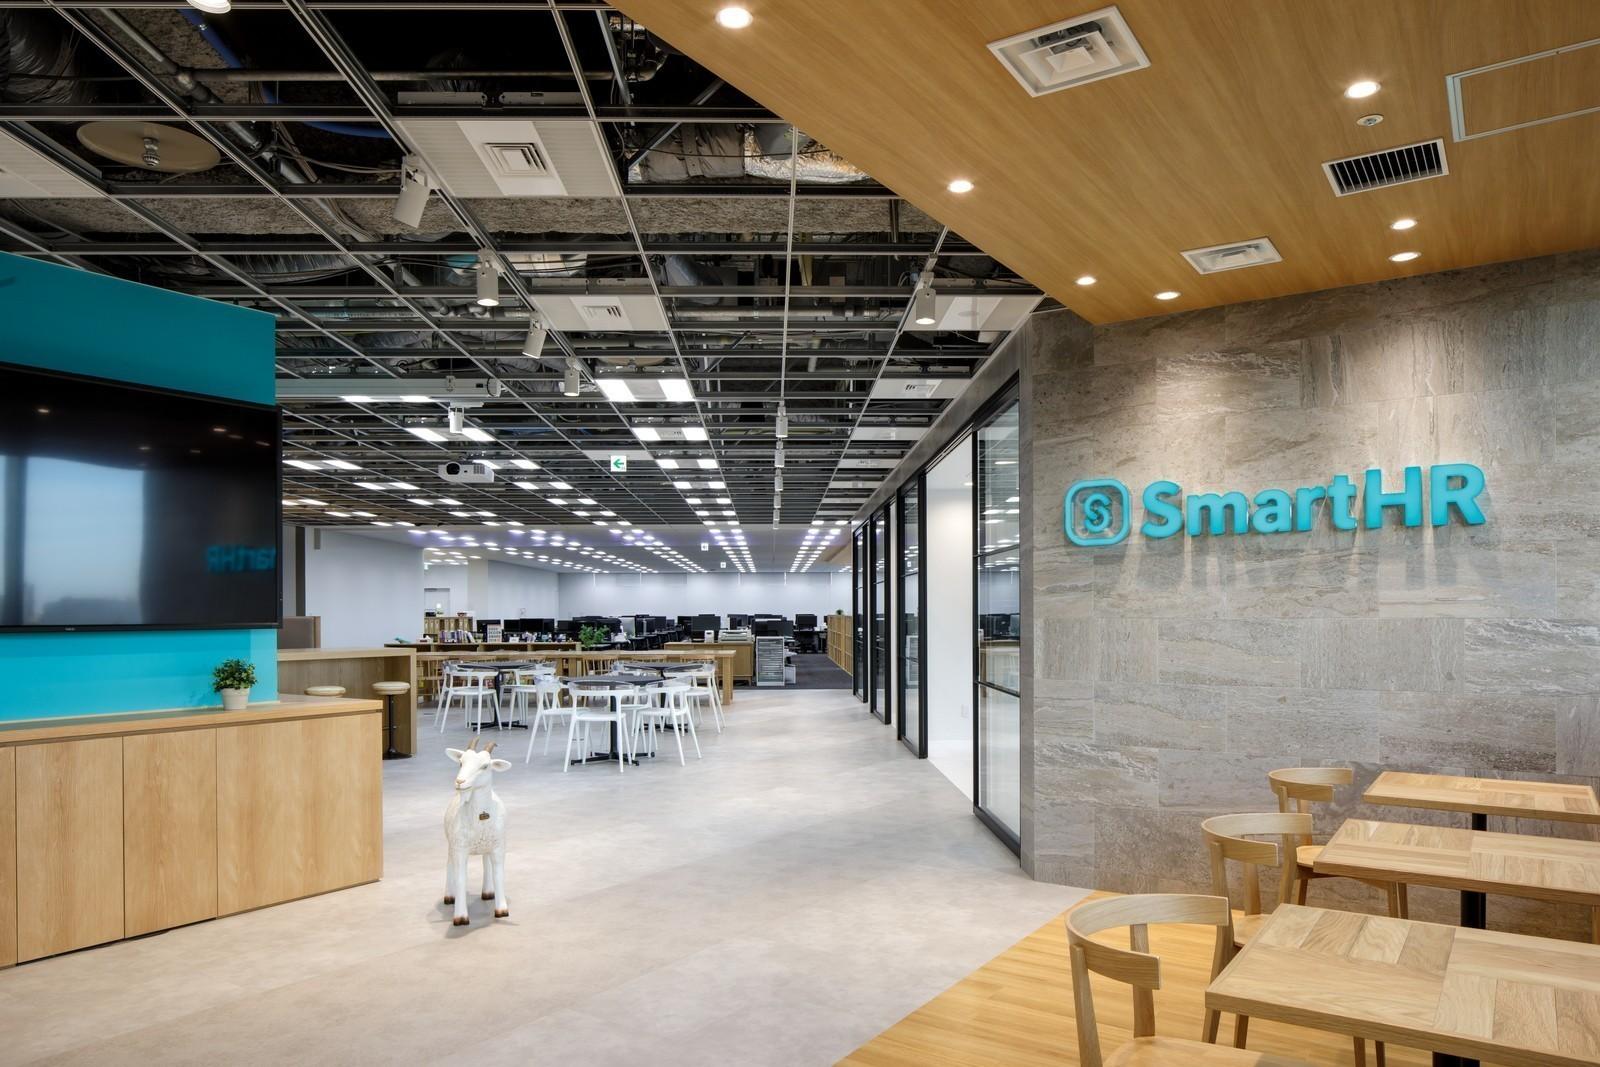 シェア No.1 のクラウド人事労務ソフト「SmartHR」を開発するフロントエンドエンジニアを募集!